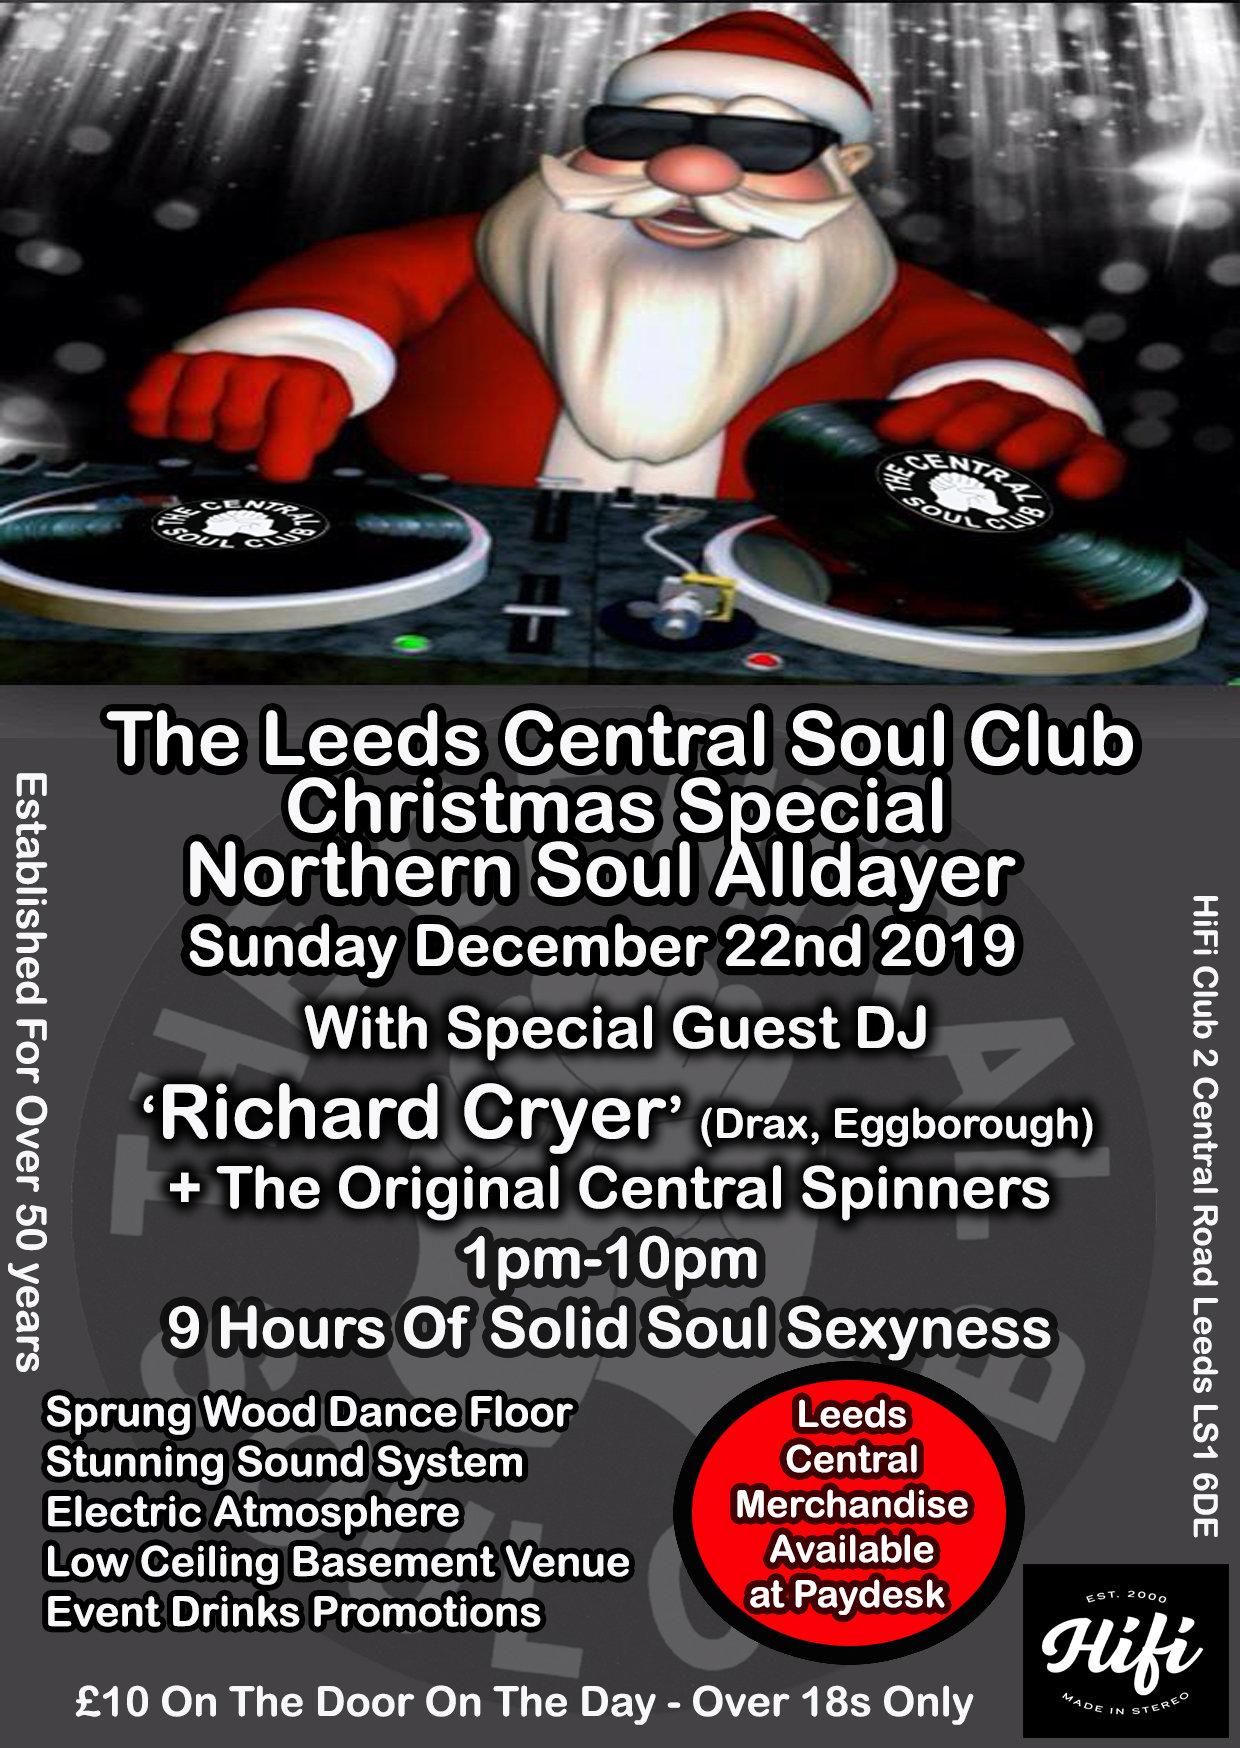 Leeds Central Soul Club Christmas Alldayer flyer